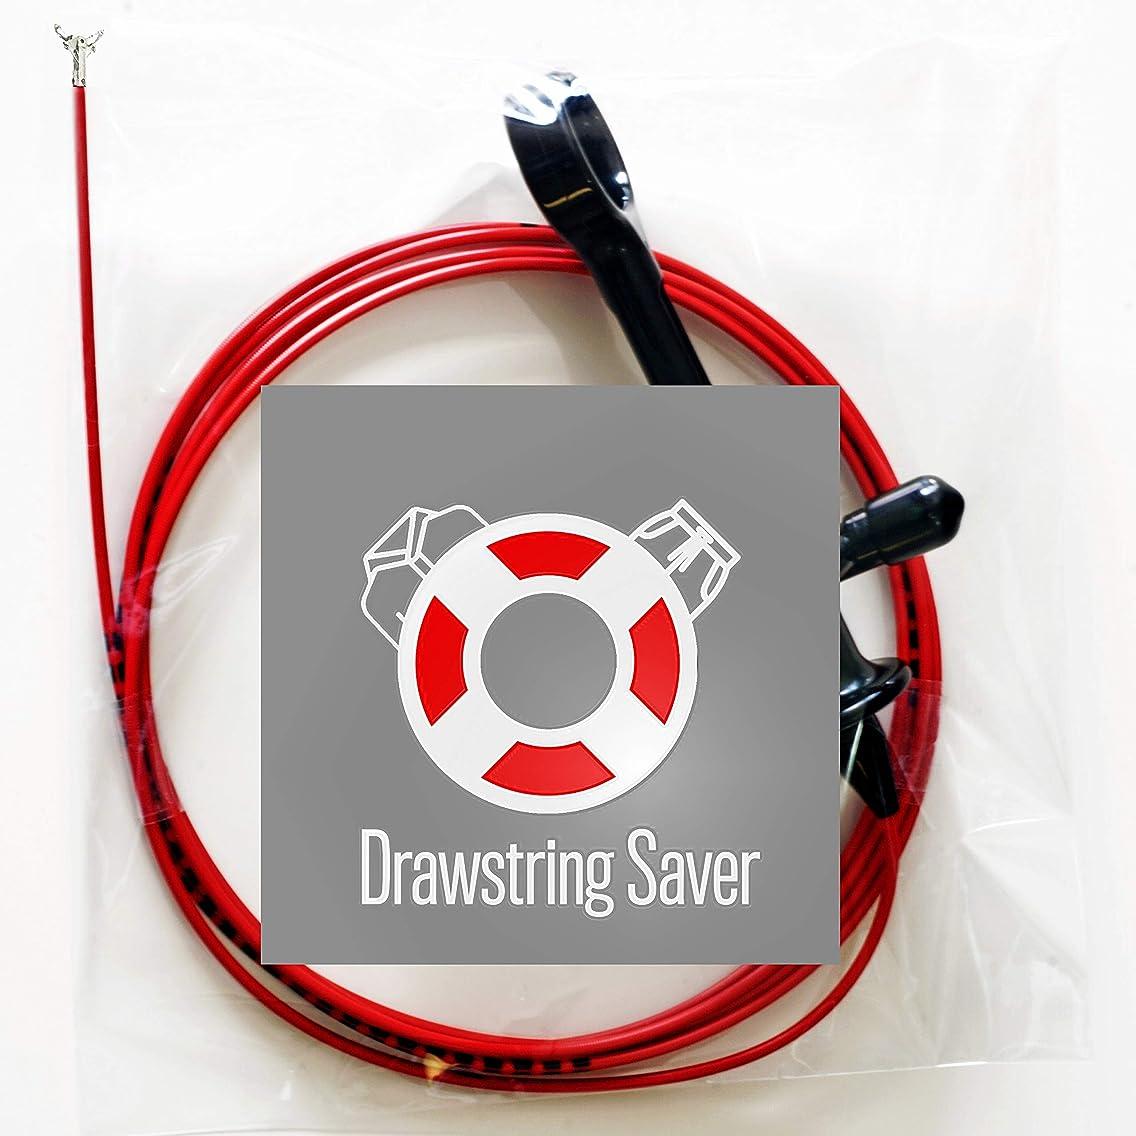 Drawstring Saver Threader & Rethreader